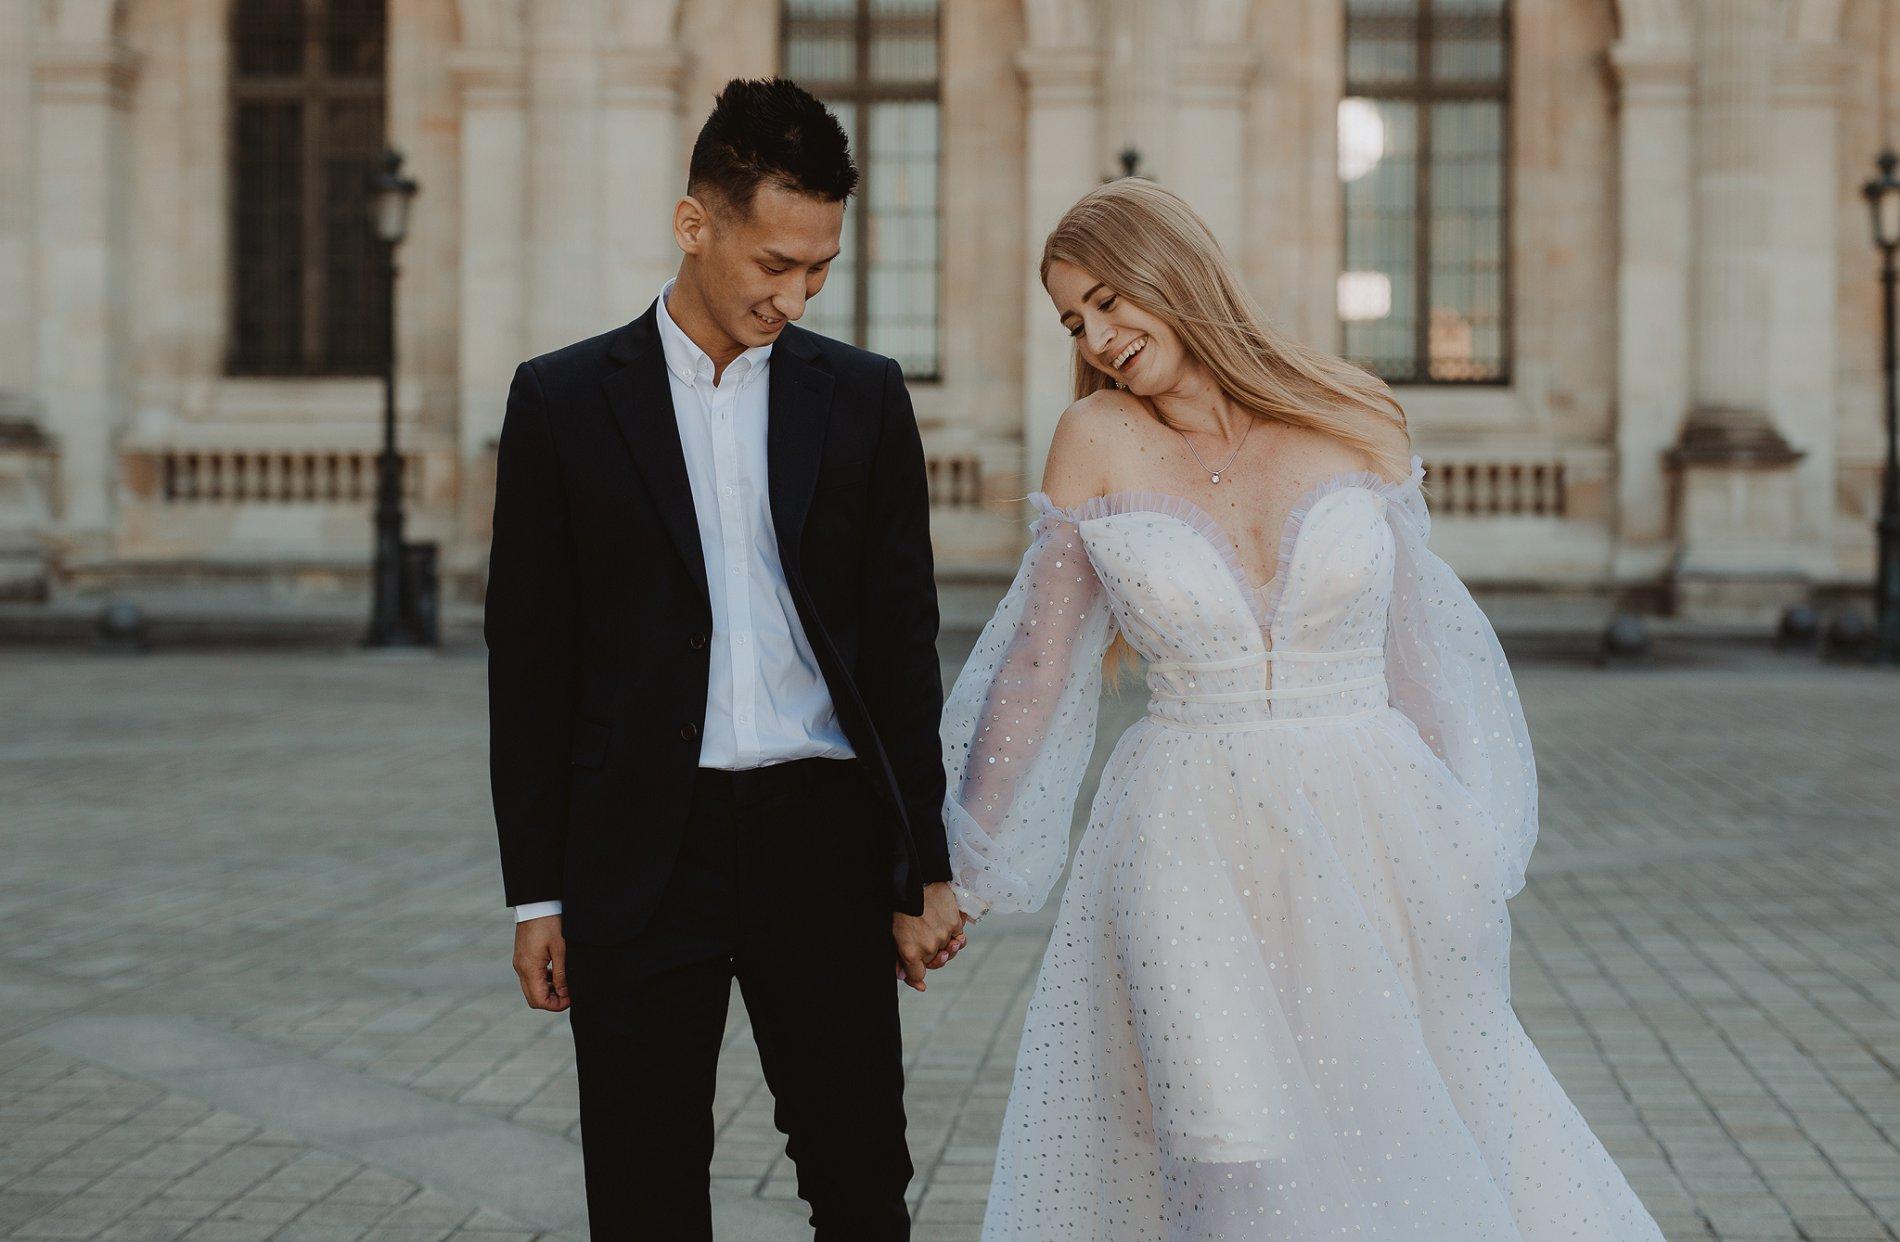 Miss He Bridal Romantic Paris Elopement (c) Xanthe Rowland Photography (29)